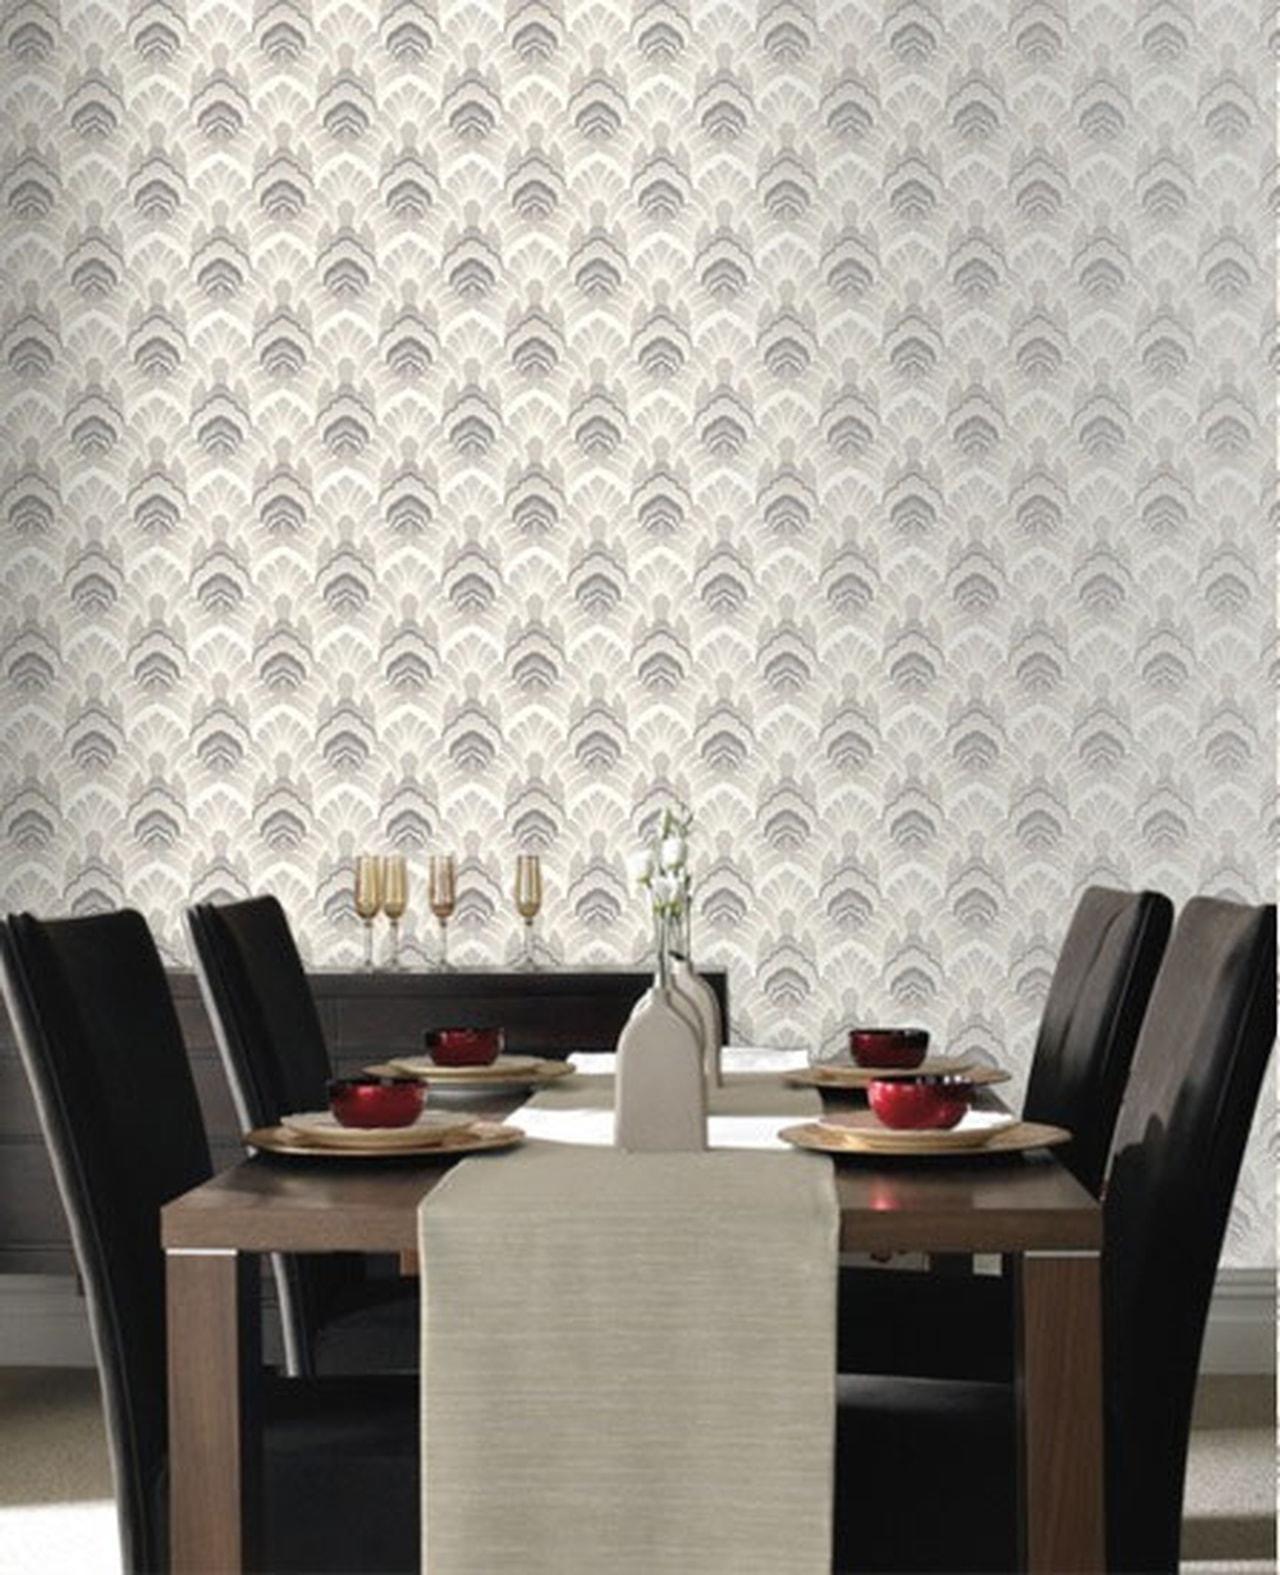 بالصور ورق جدران رمادي , اشيك ورق حائط باللون الرمادي الجميل 4319 7